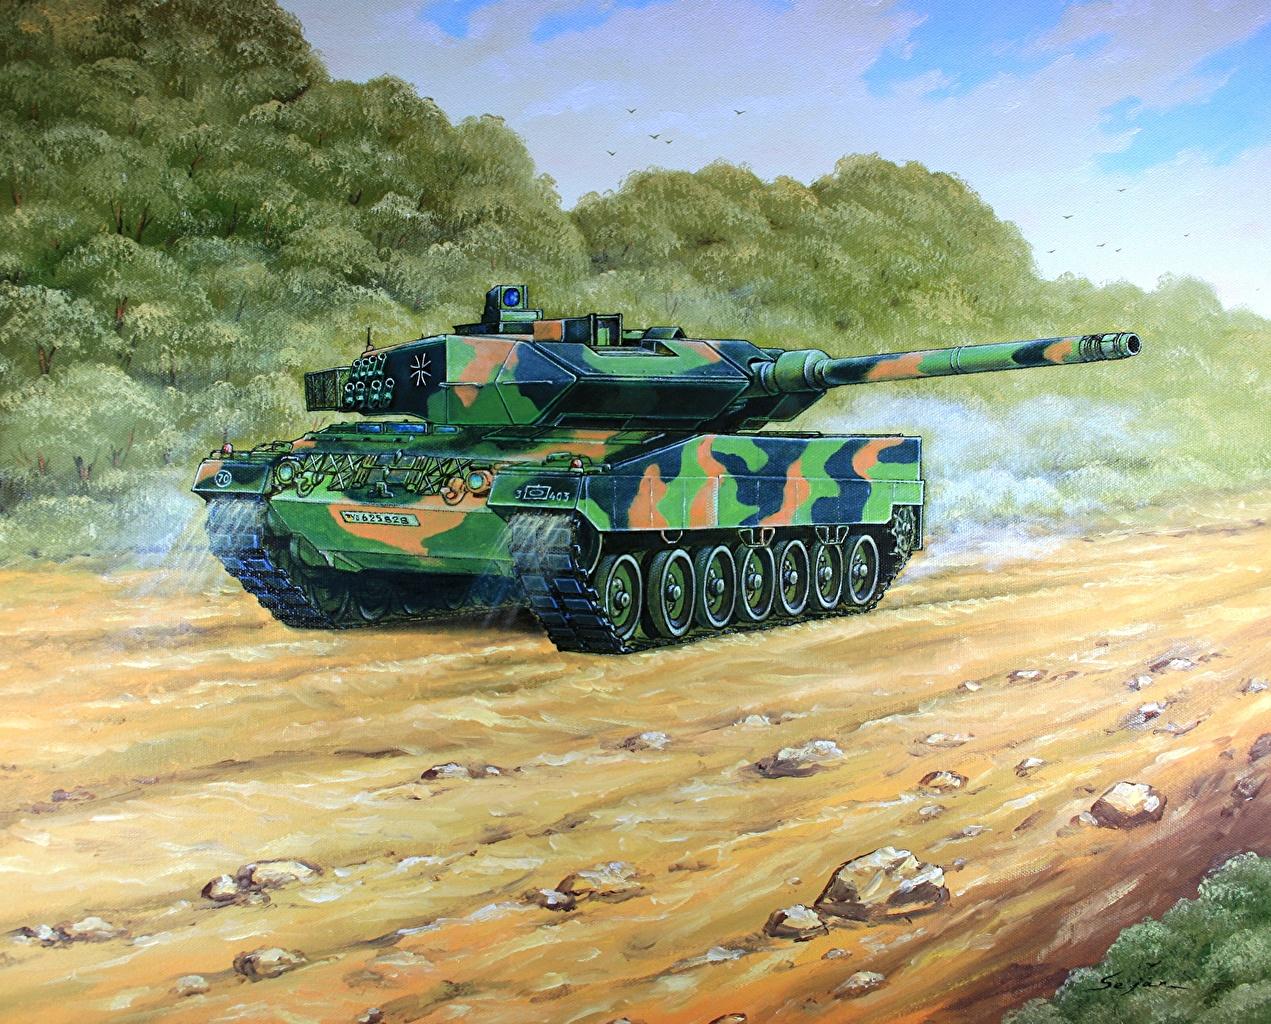 ,坦克,绘制壁纸,豹2型坦克,Leopard 2 A6,,陆军,